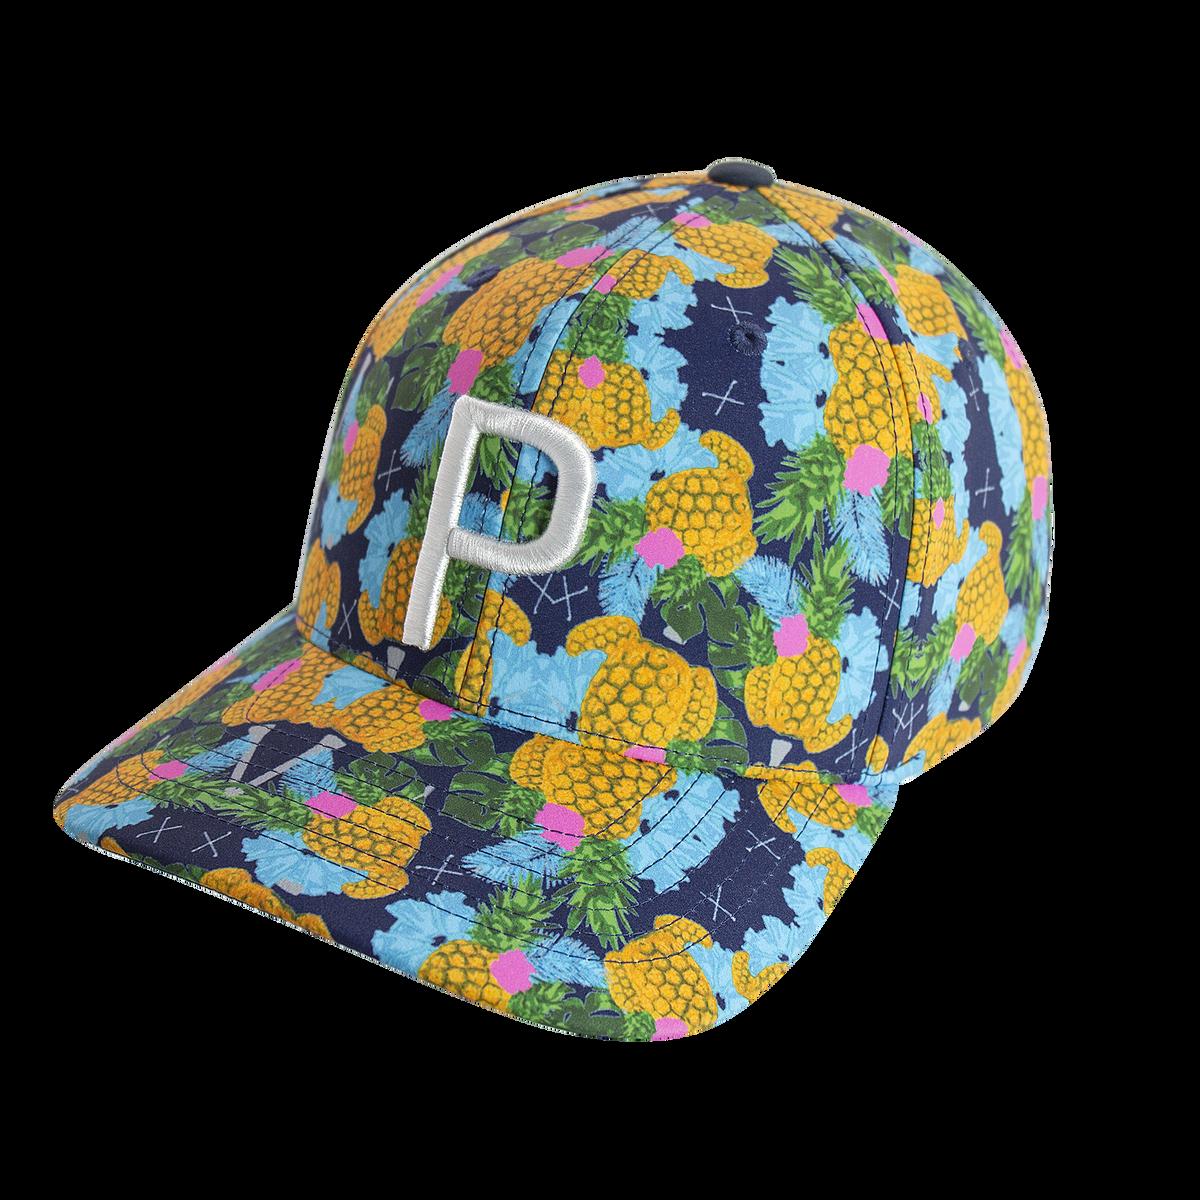 d2d11a490b8dcc PUMA Pineapple P Snapback Hat | PGA TOUR Superstore